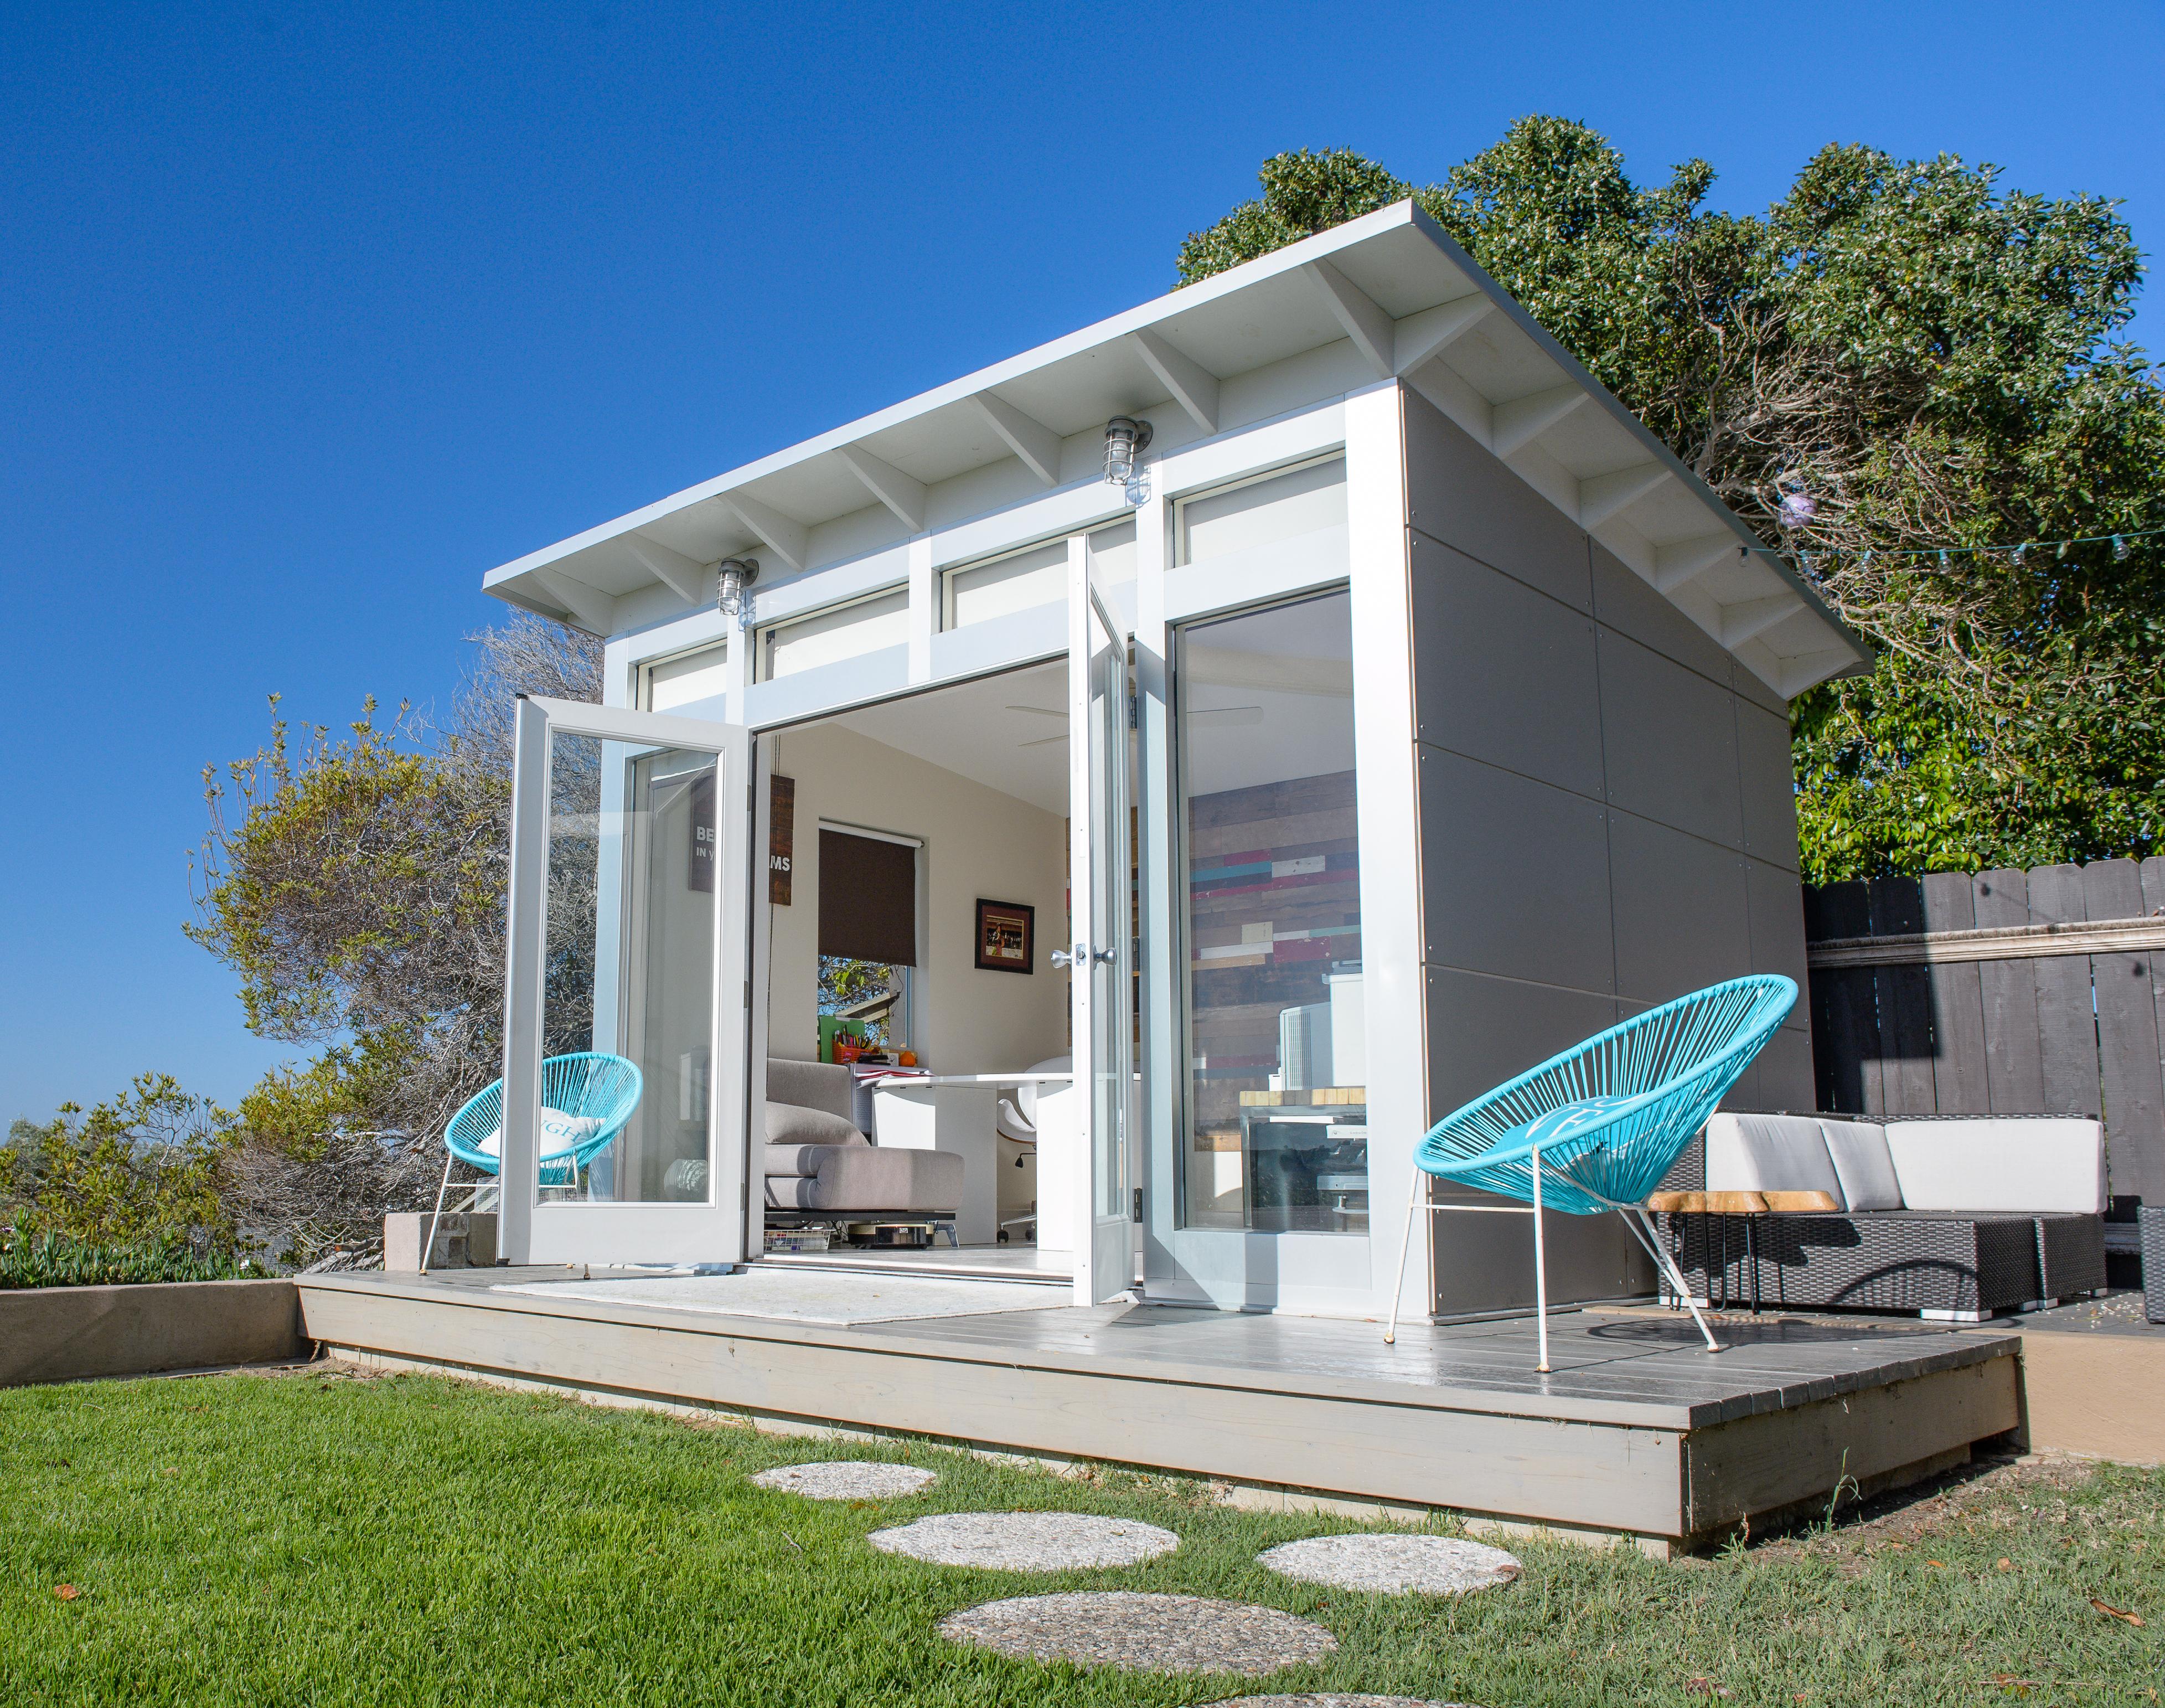 A boxy modern office shed on a platform.